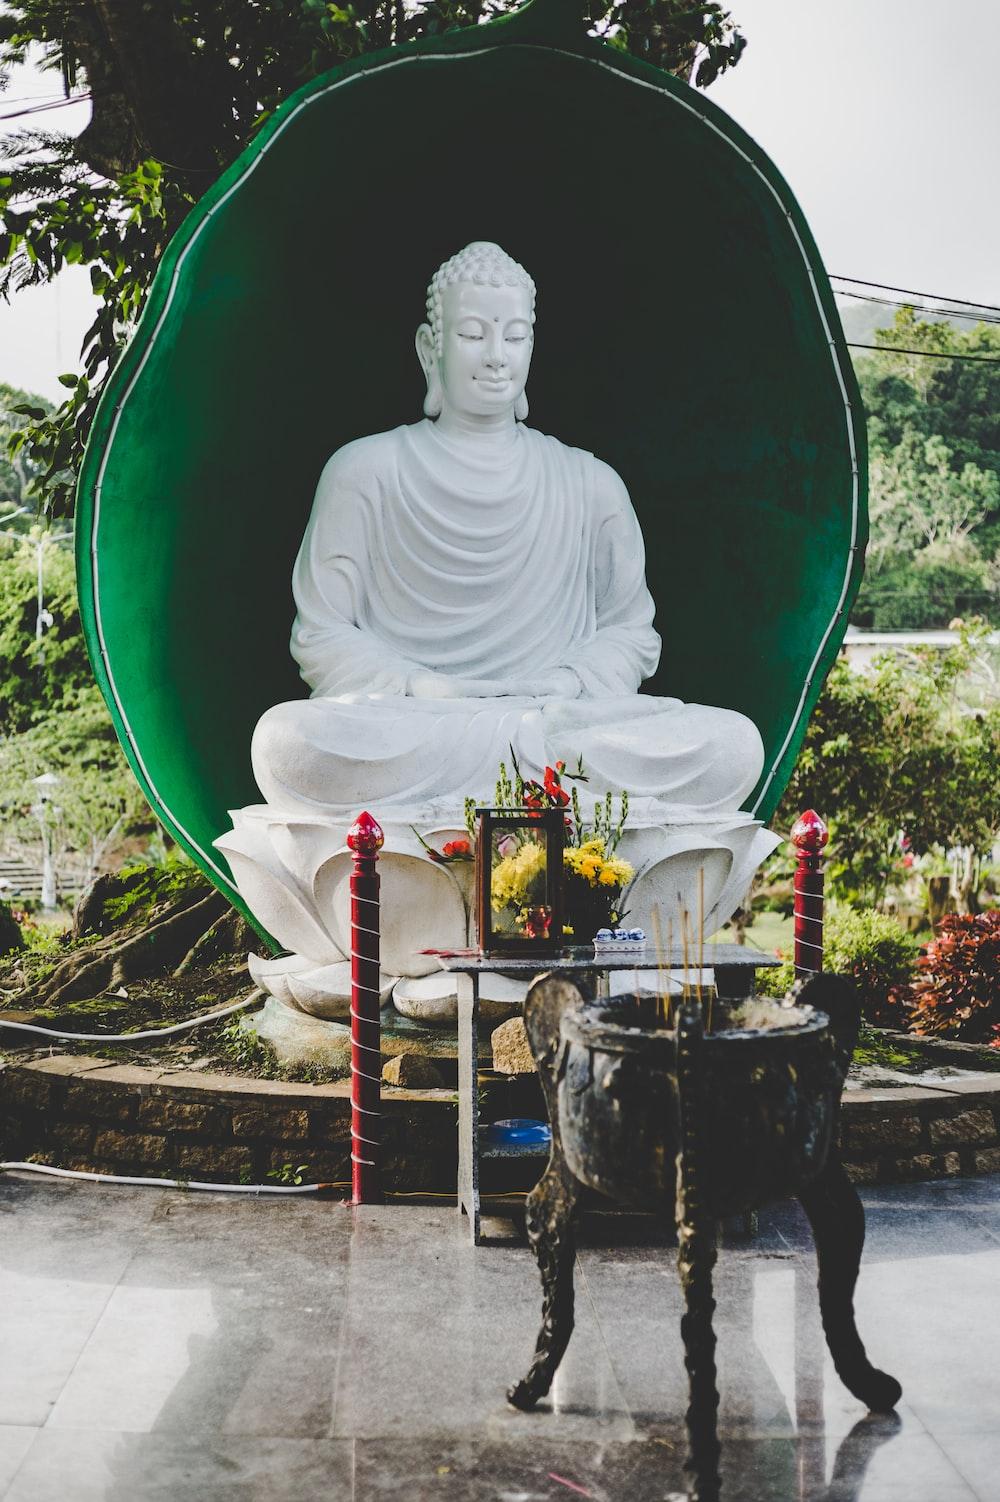 white buddha statue at daytime